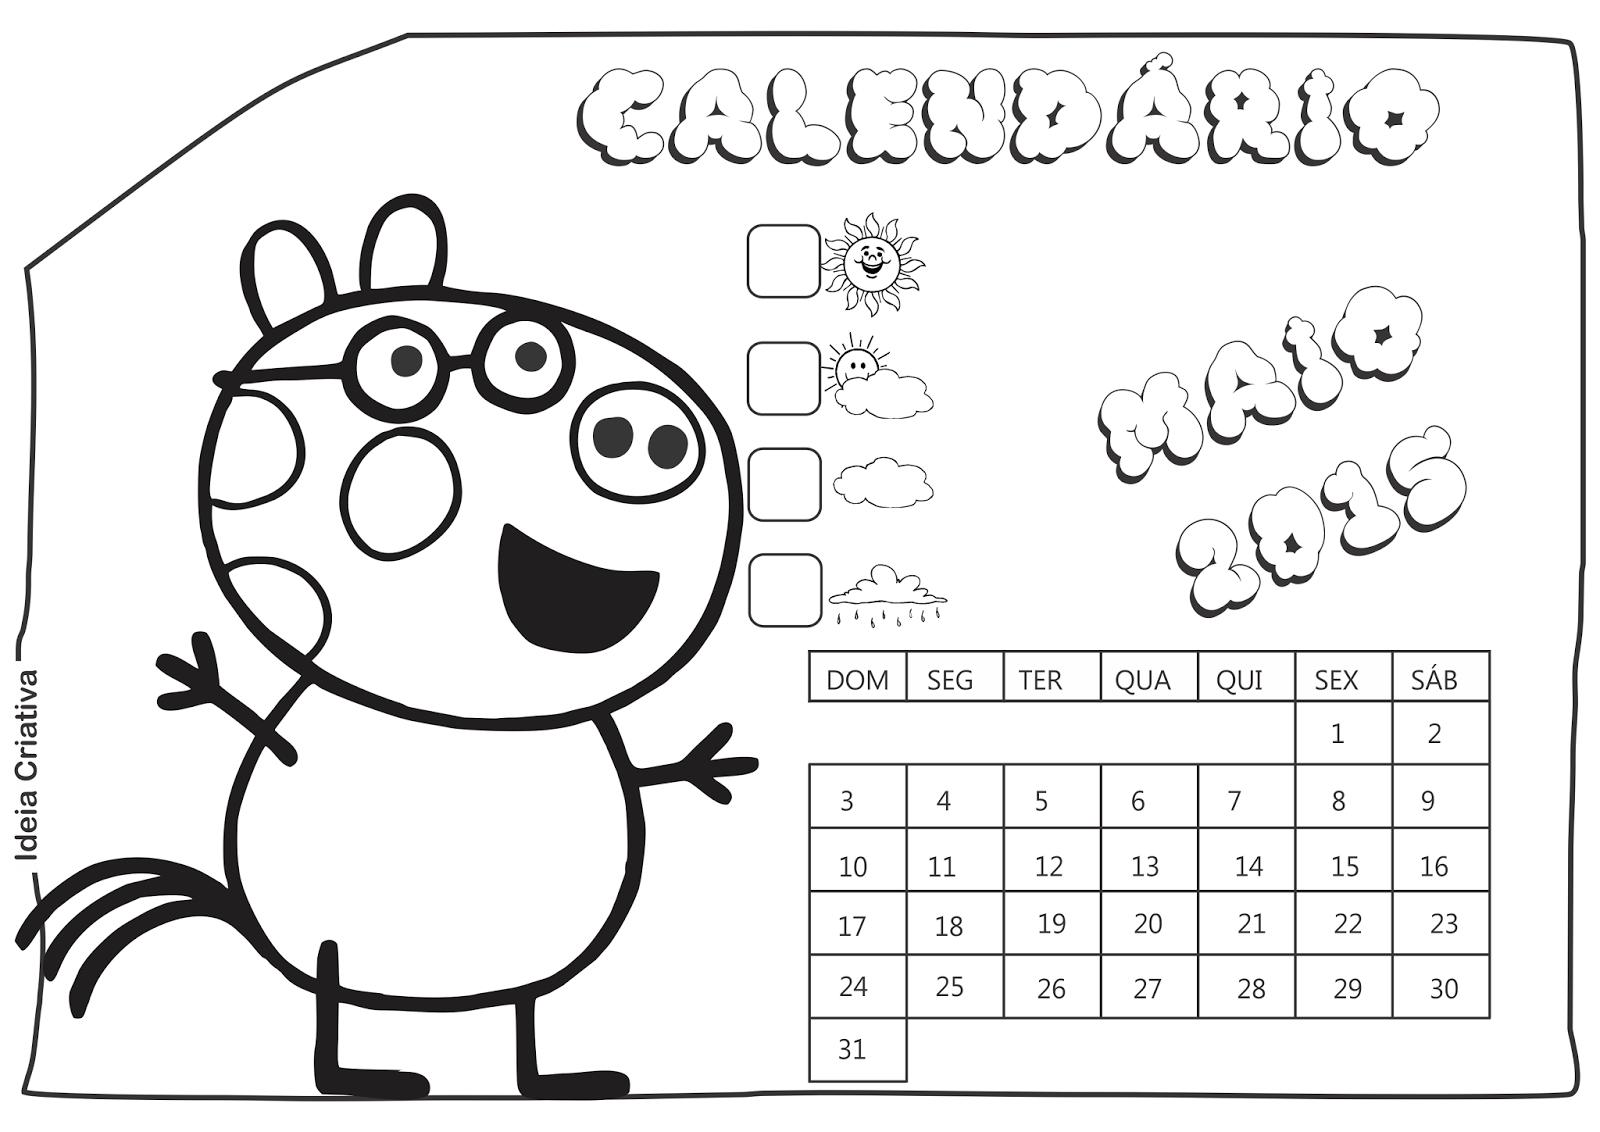 Calendário Maio 2015 Peppa Pig e Seus Amigos para Imprimir Grátis